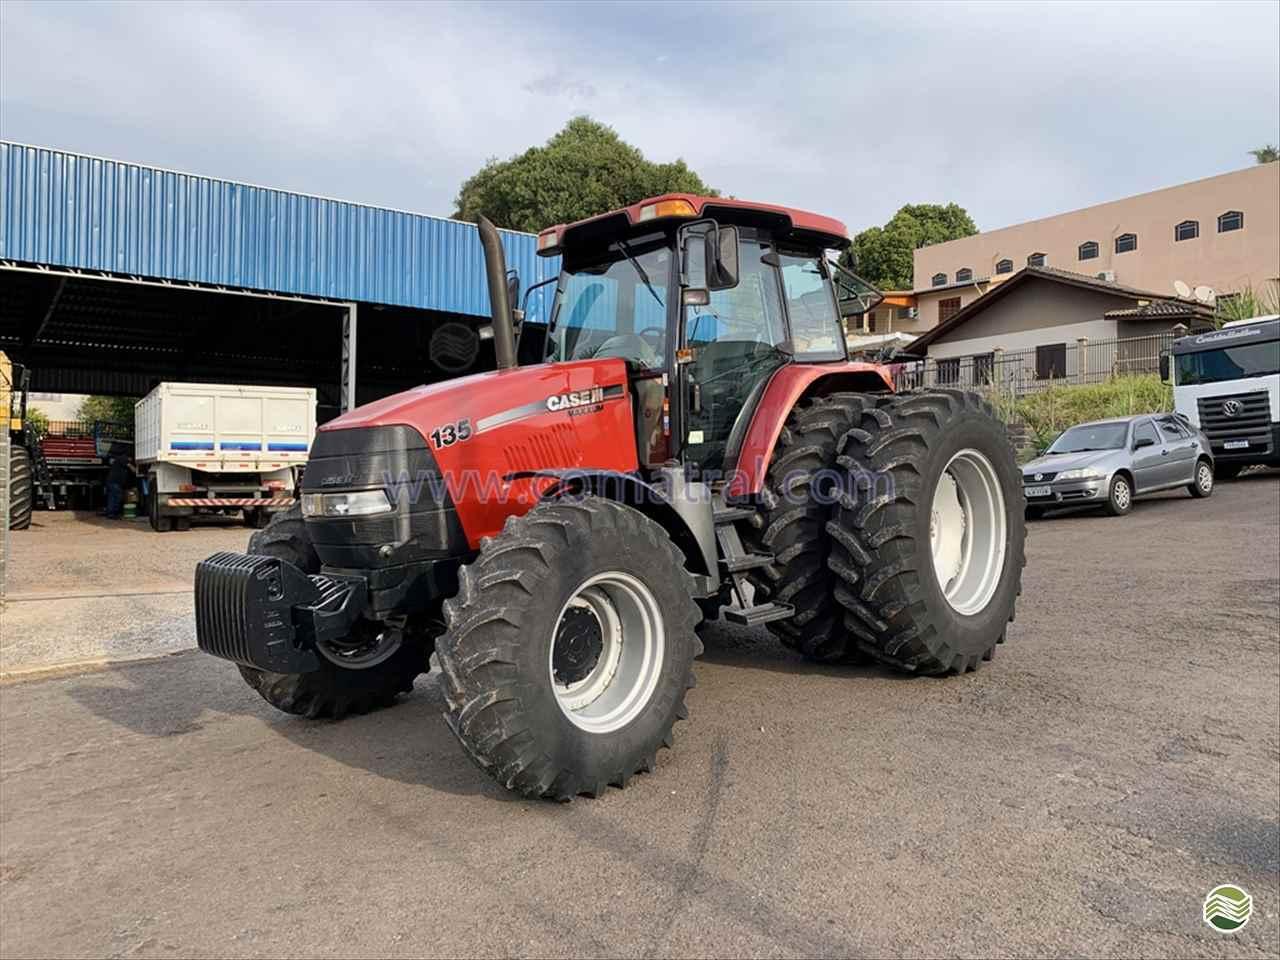 TRATOR CASE CASE MX 135 Tração 4x4 Comatral Caminhões e Máquinas Agrícolas PANAMBI RIO GRANDE DO SUL RS